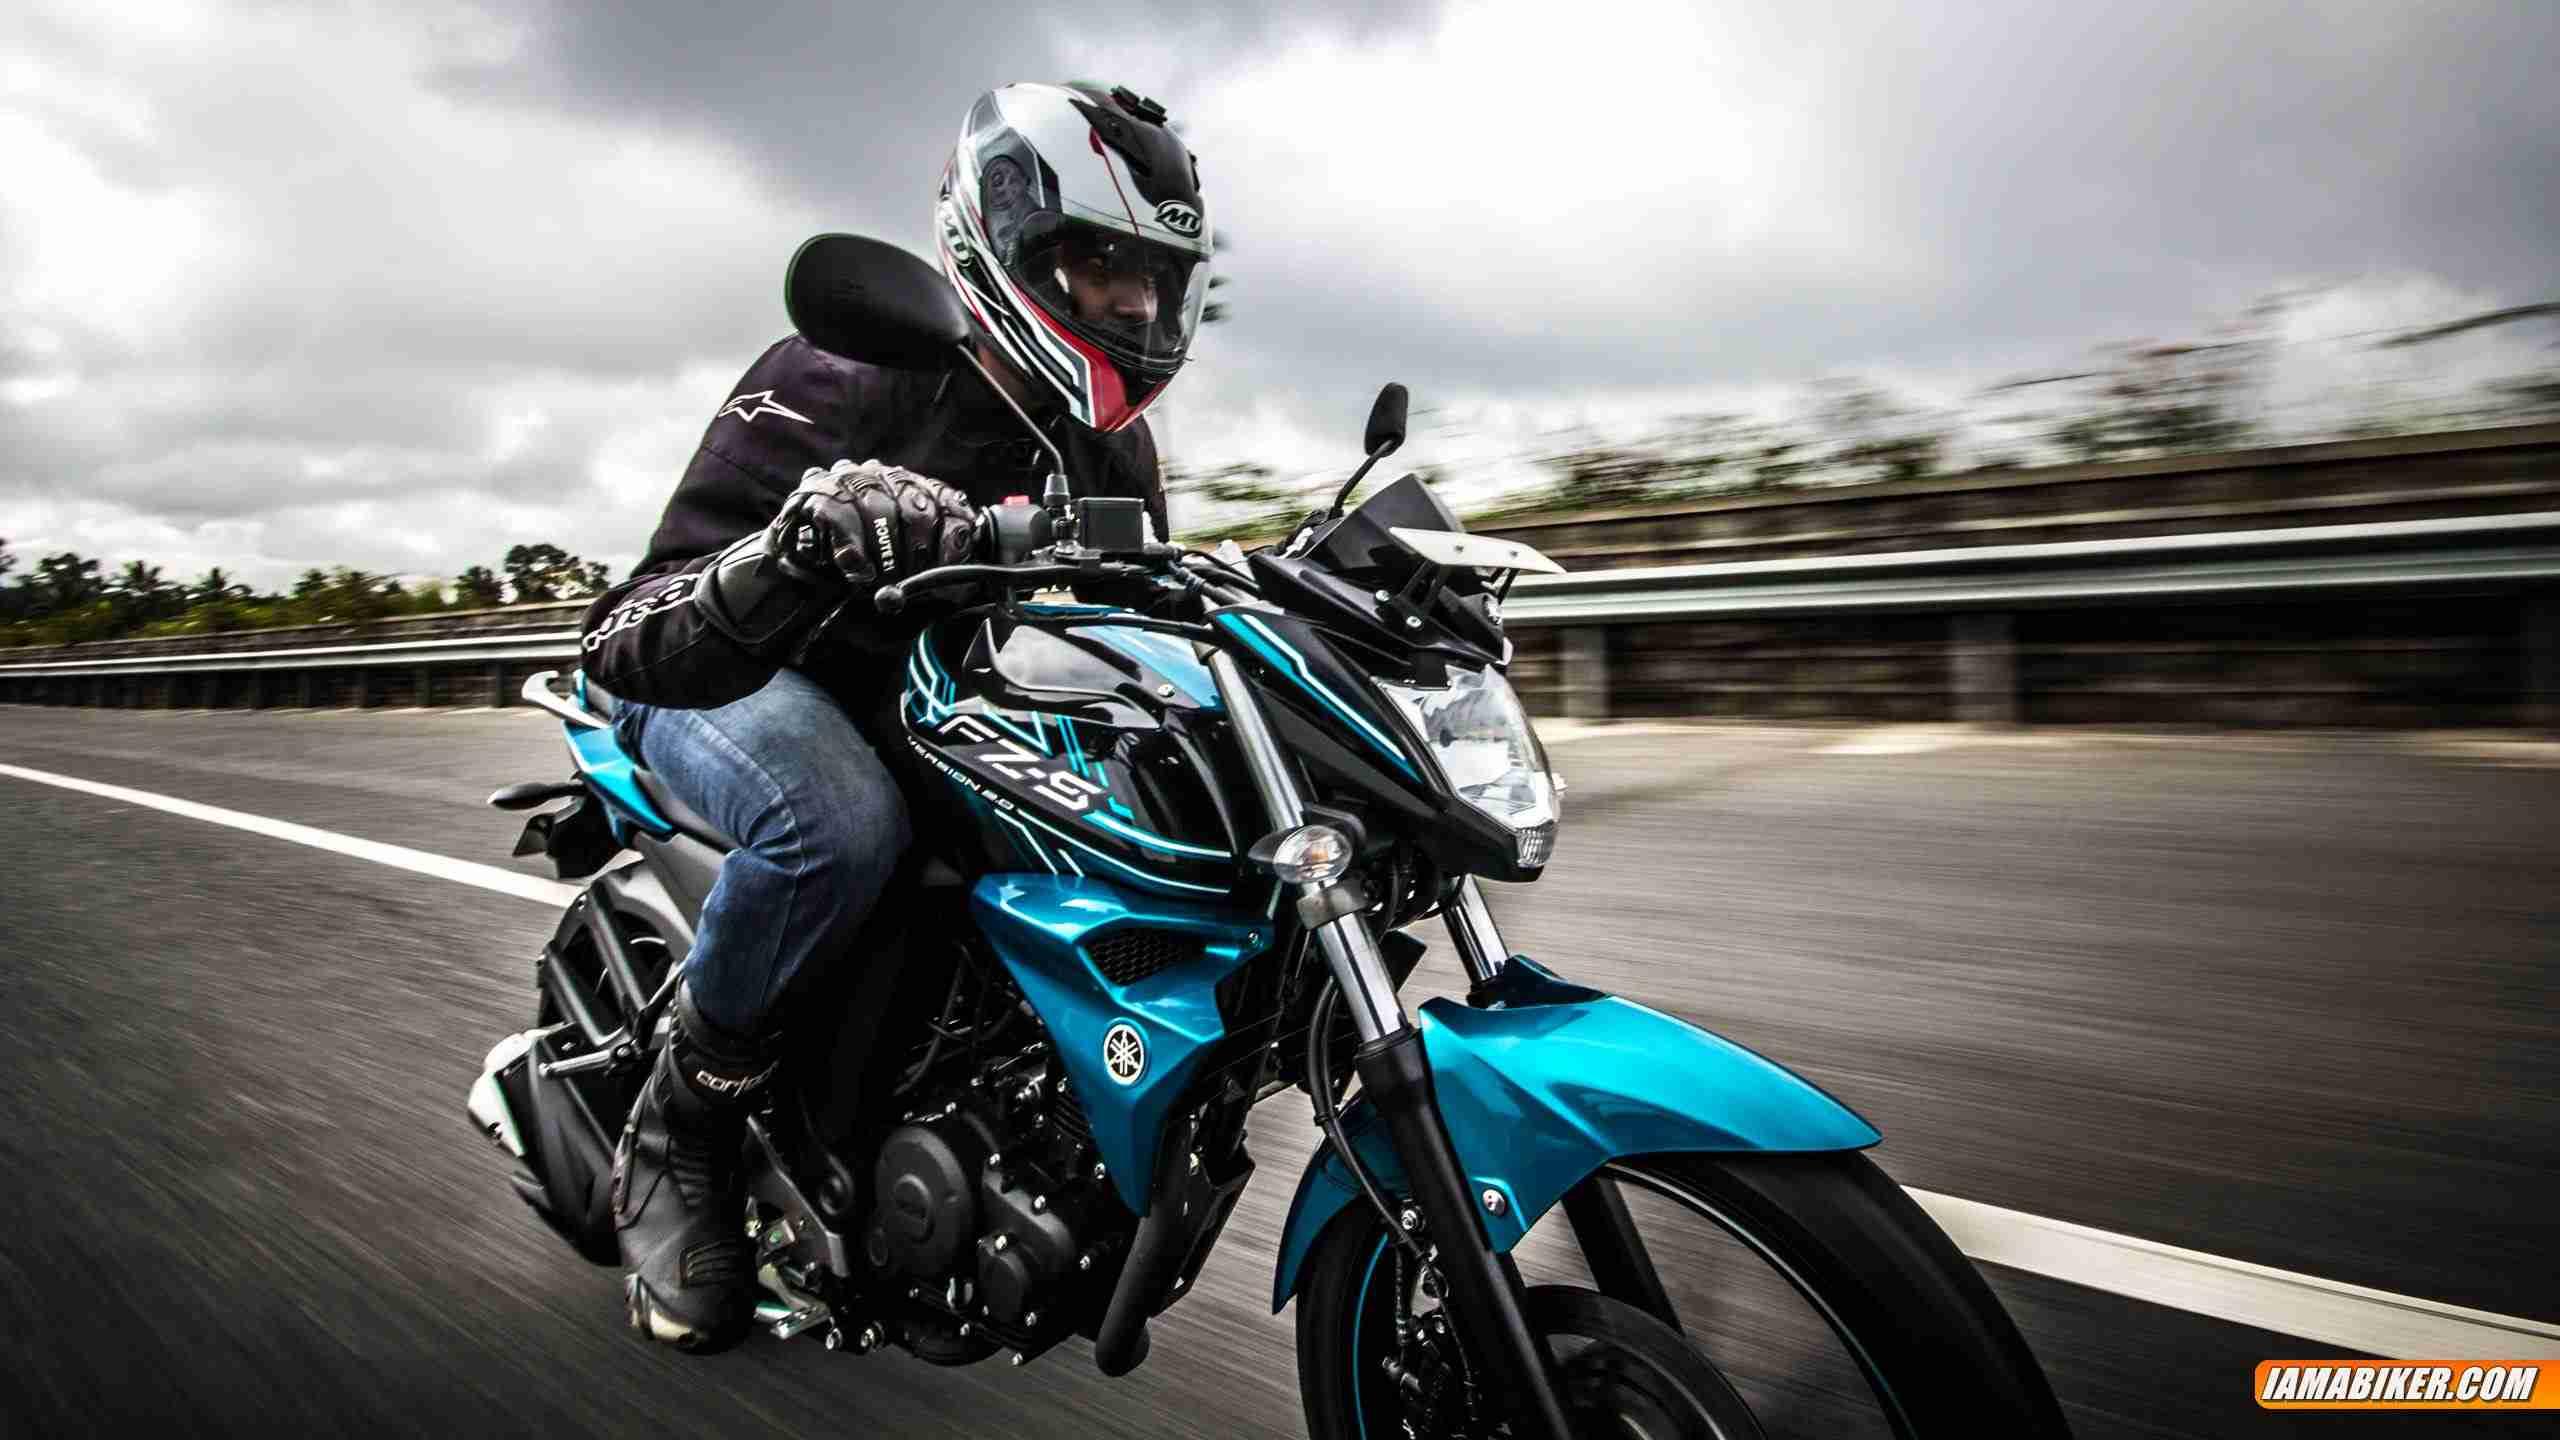 Yamaha FZ-S V2.0 review verdict